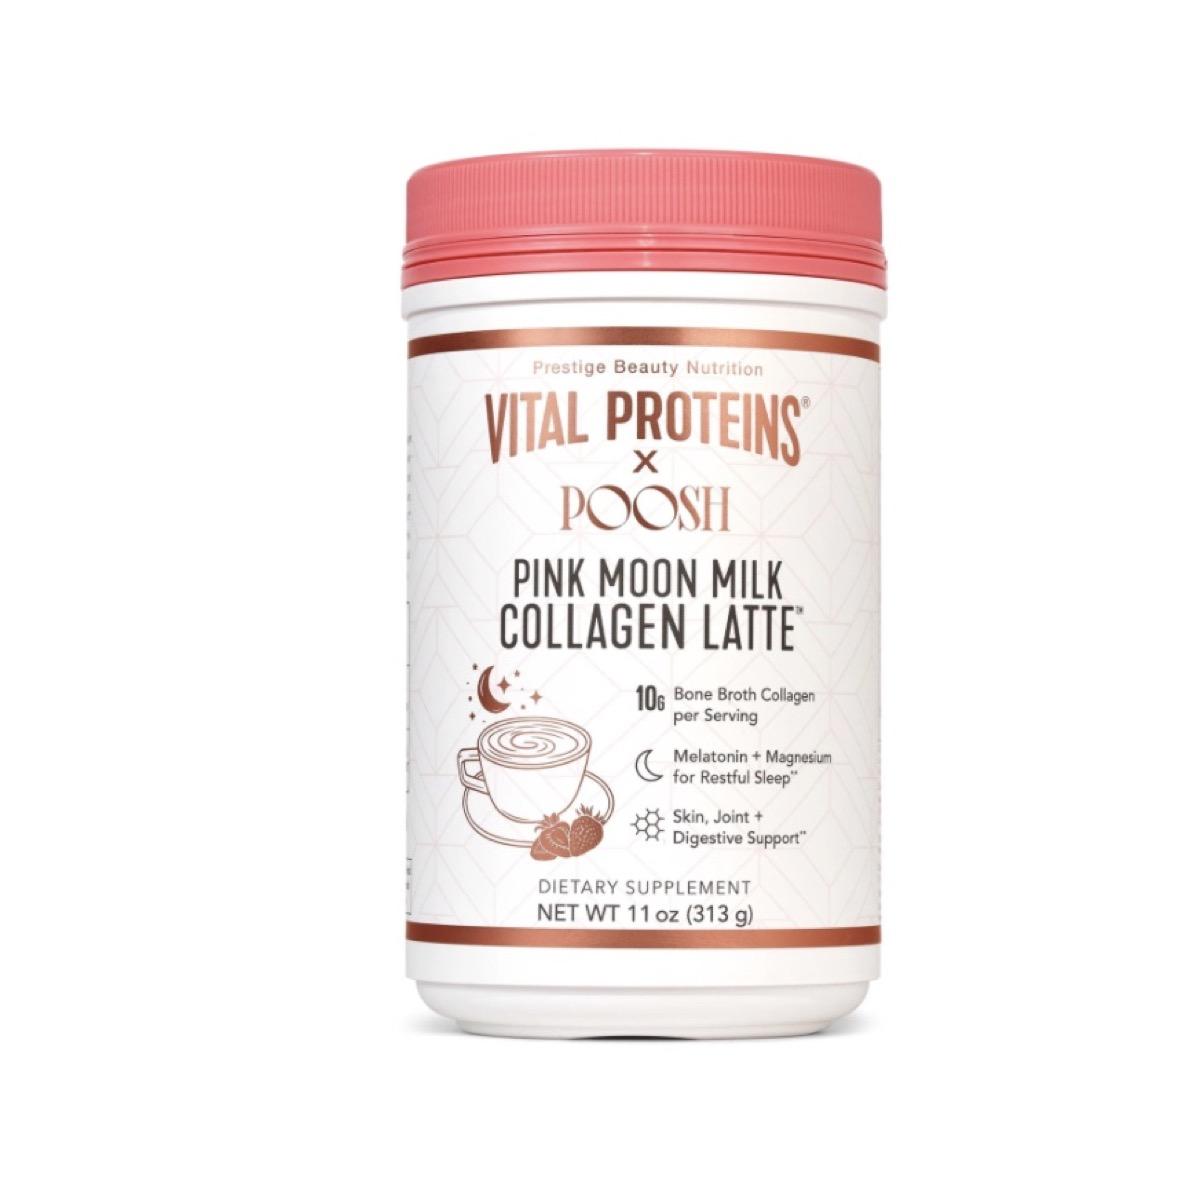 vital proteins pink moon milk collagen latte